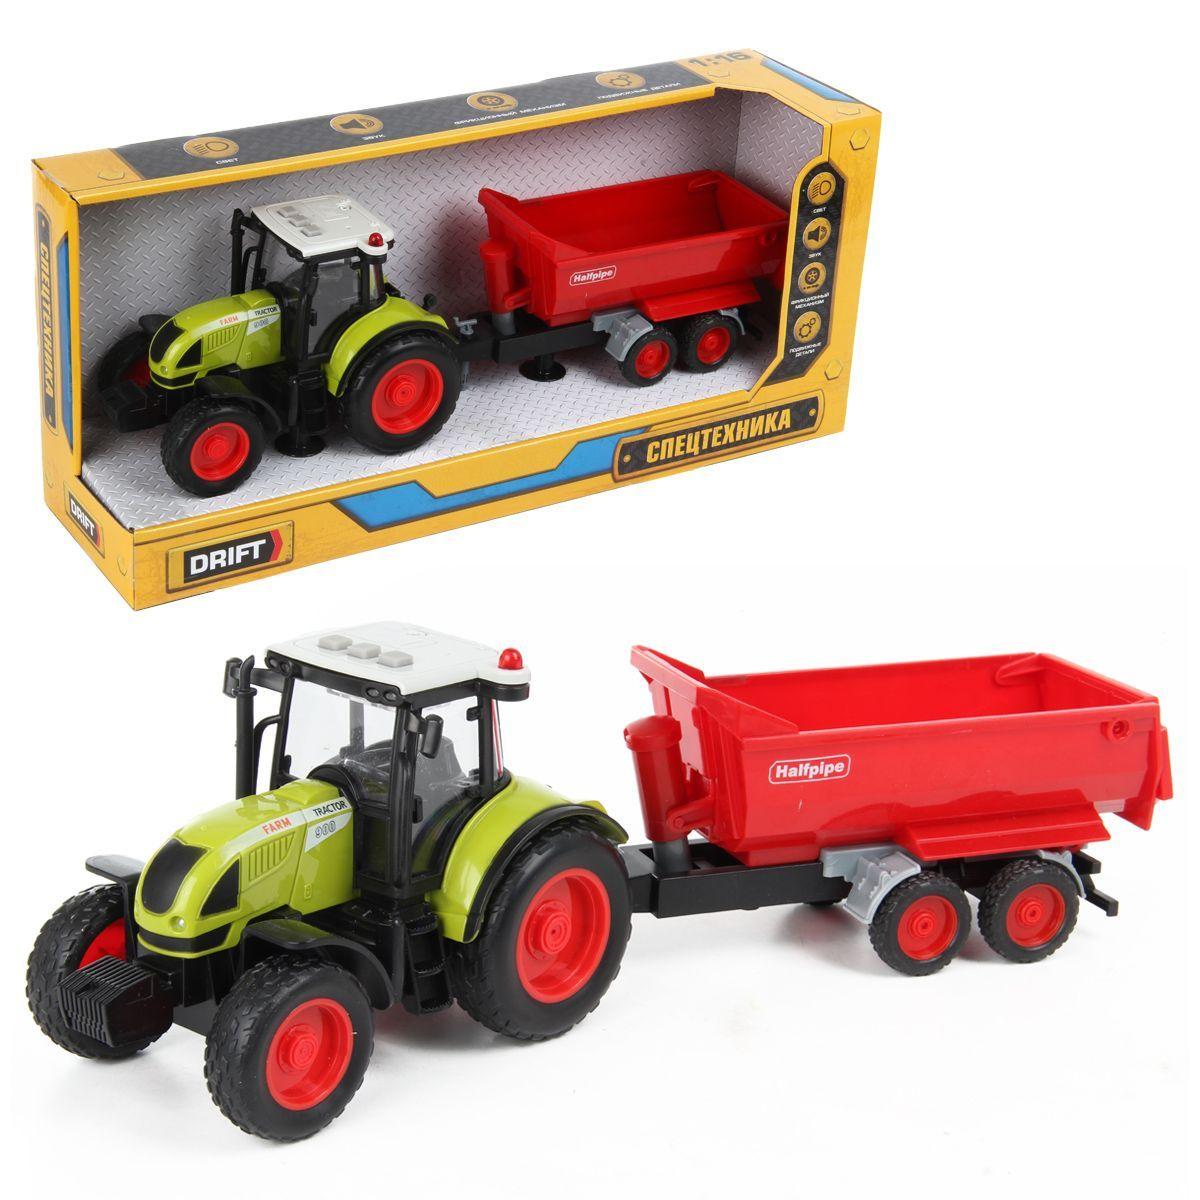 Трактор с прицепом FARMLAND 1:16, фрикц.механизм, со зв. и св.